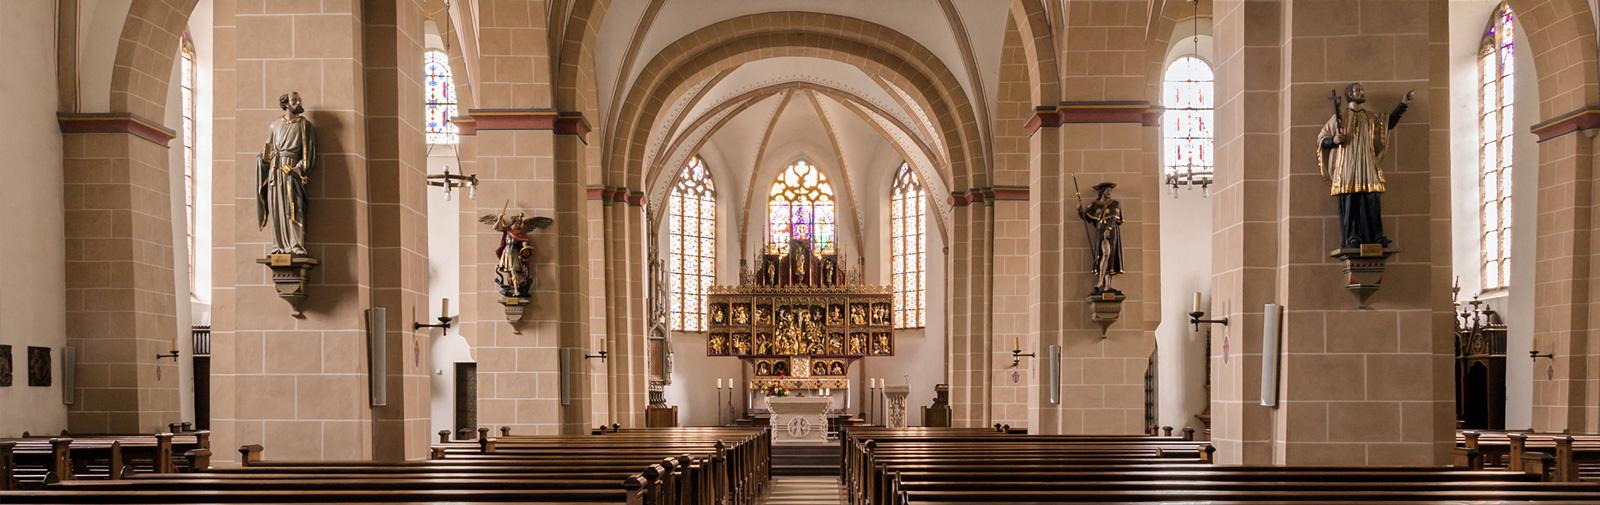 St. Marien Steinheim